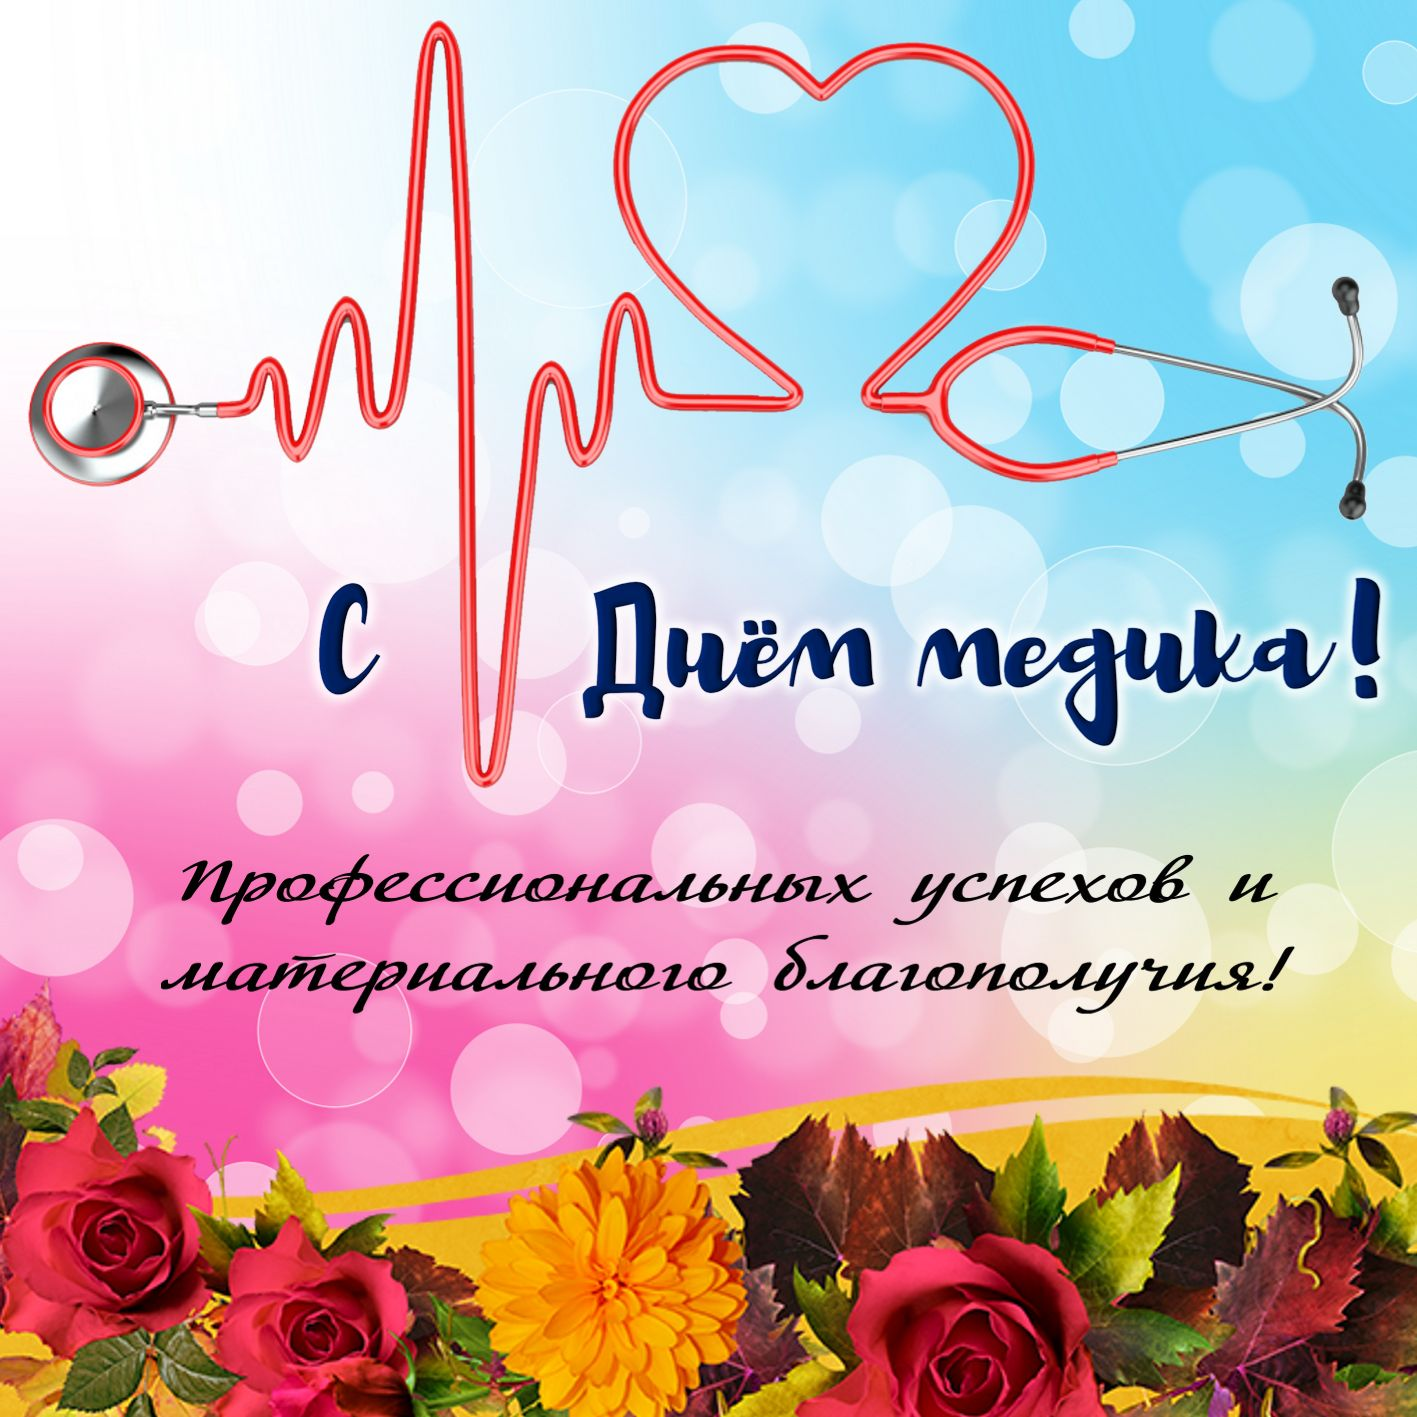 Поздравительные, открытки день медицинского работника